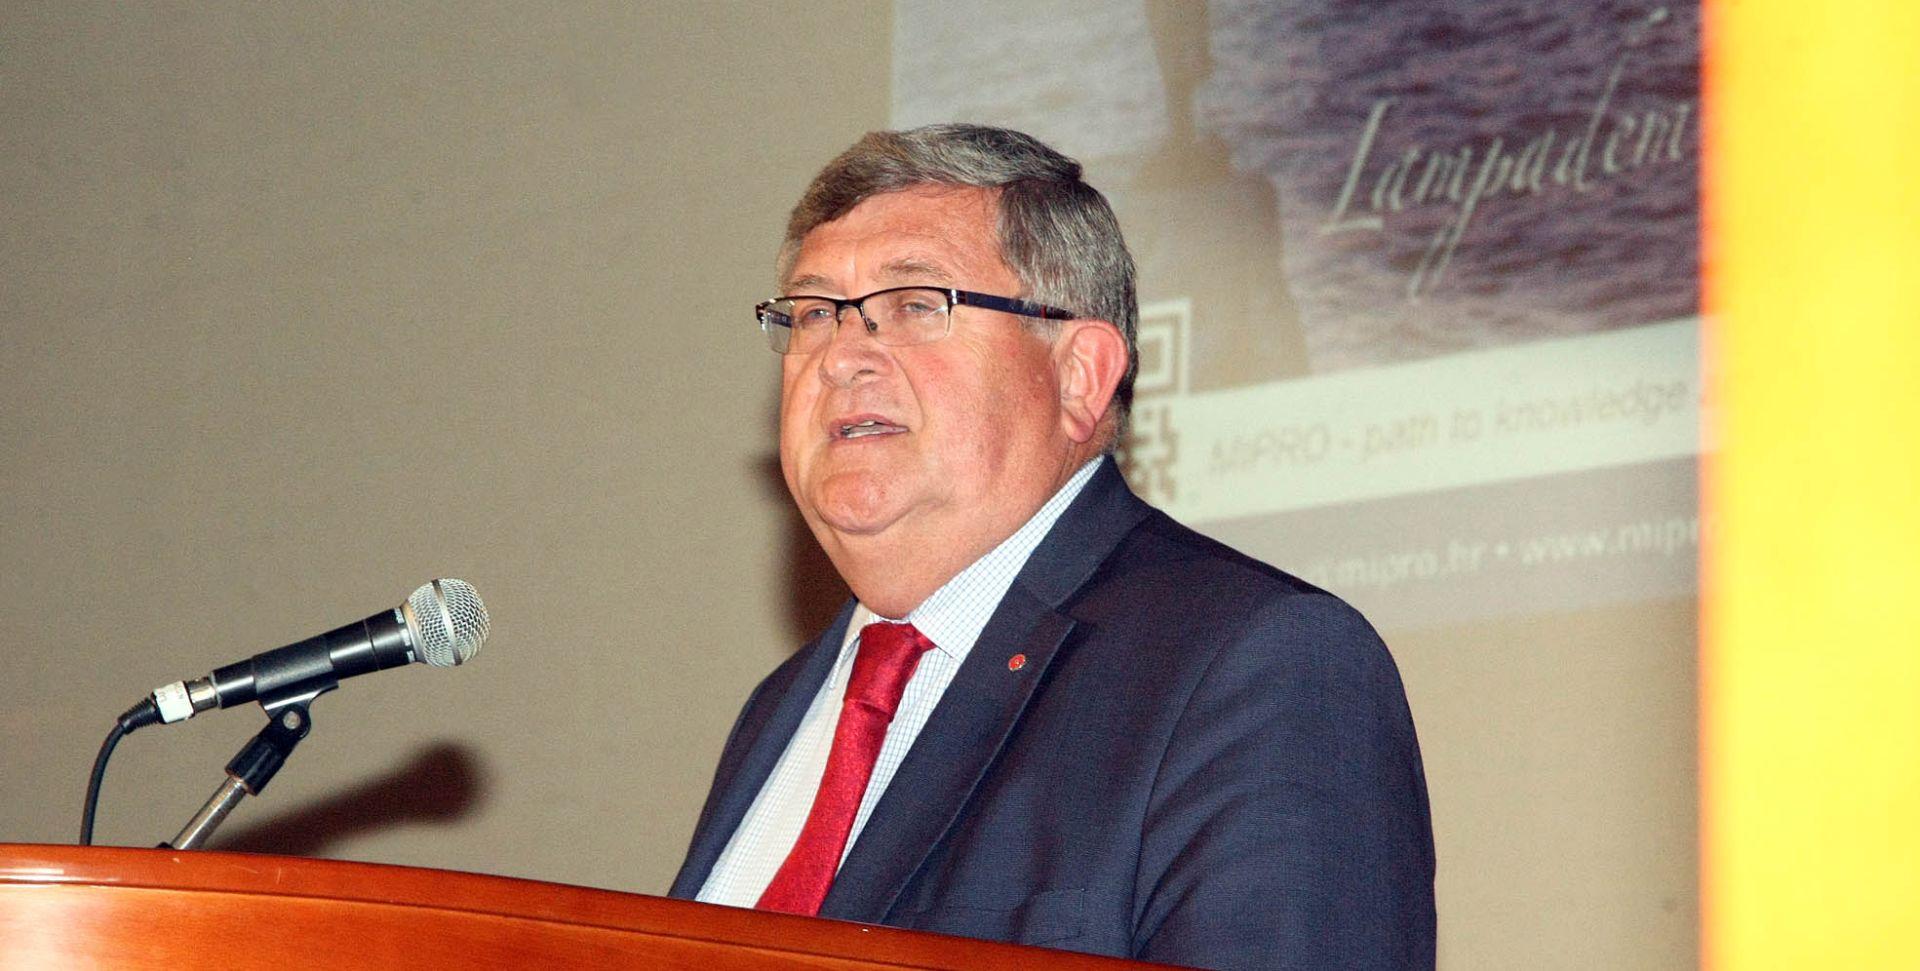 Obersnel predstavio mjere poništavanja manjka proračuna od 277 milijuna kuna